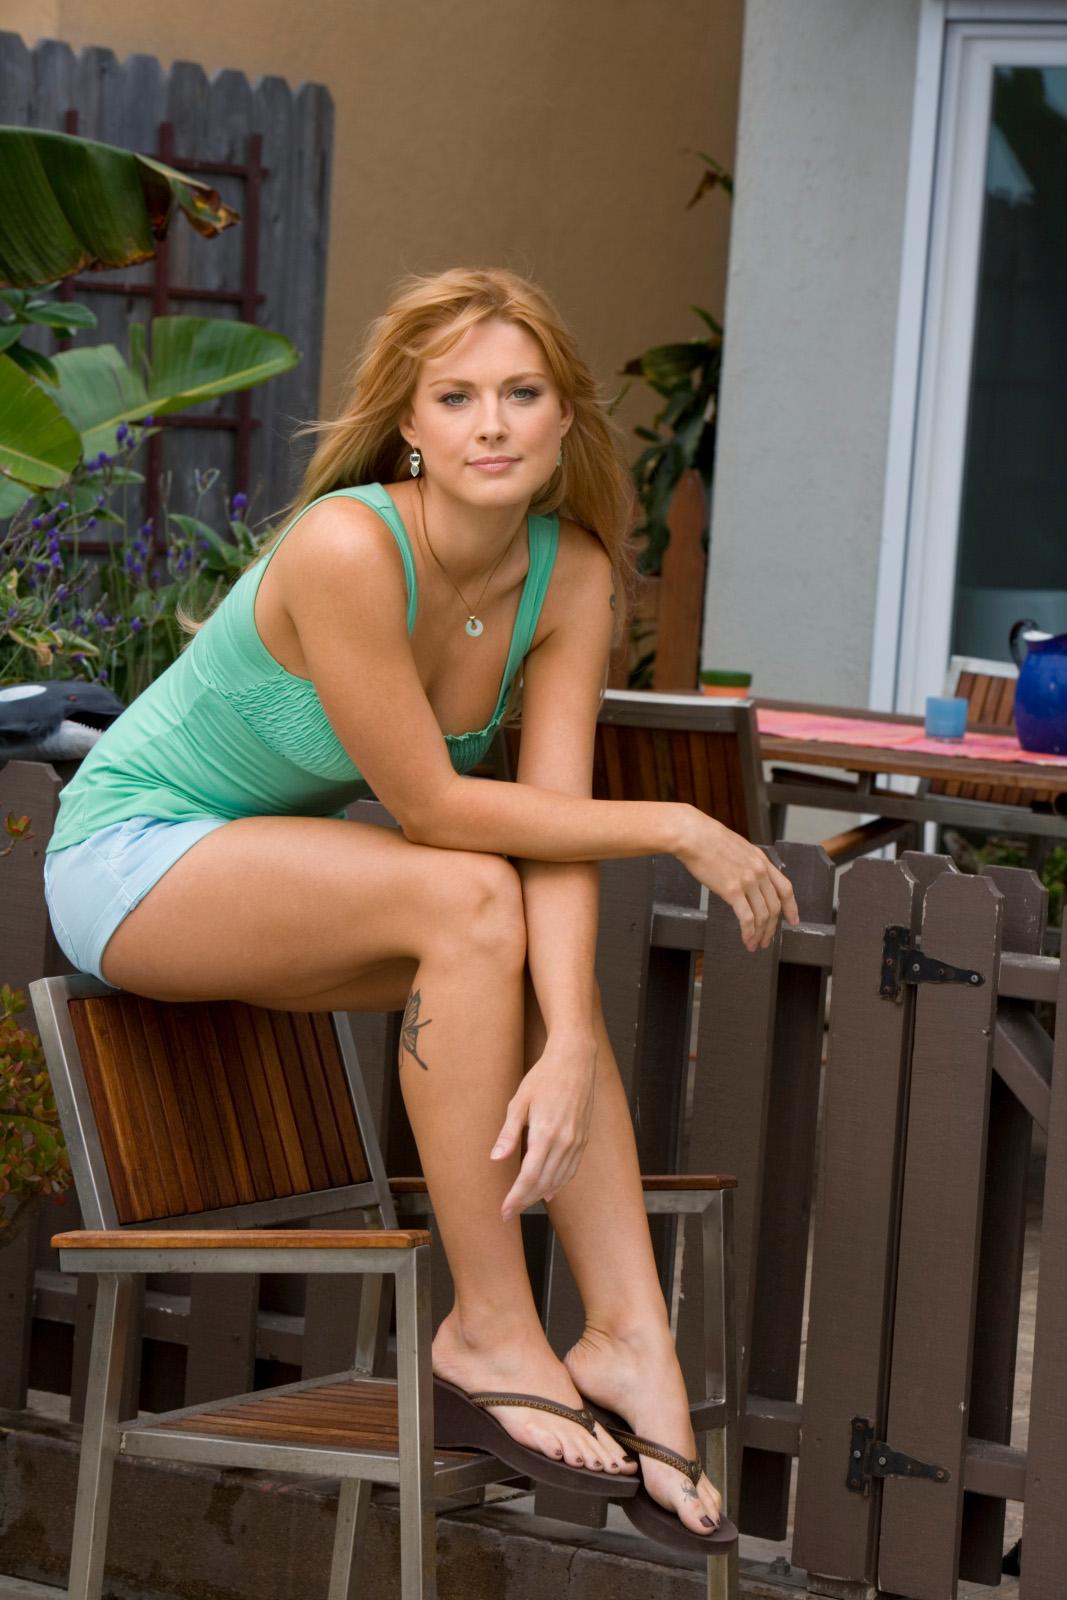 http://3.bp.blogspot.com/-qvvXtaMRYUw/T_I56zgRmPI/AAAAAAAACRQ/93-YgPUHAuU/s1600/Alexandra-breckenridge-very-hot-full-pictures.jpg